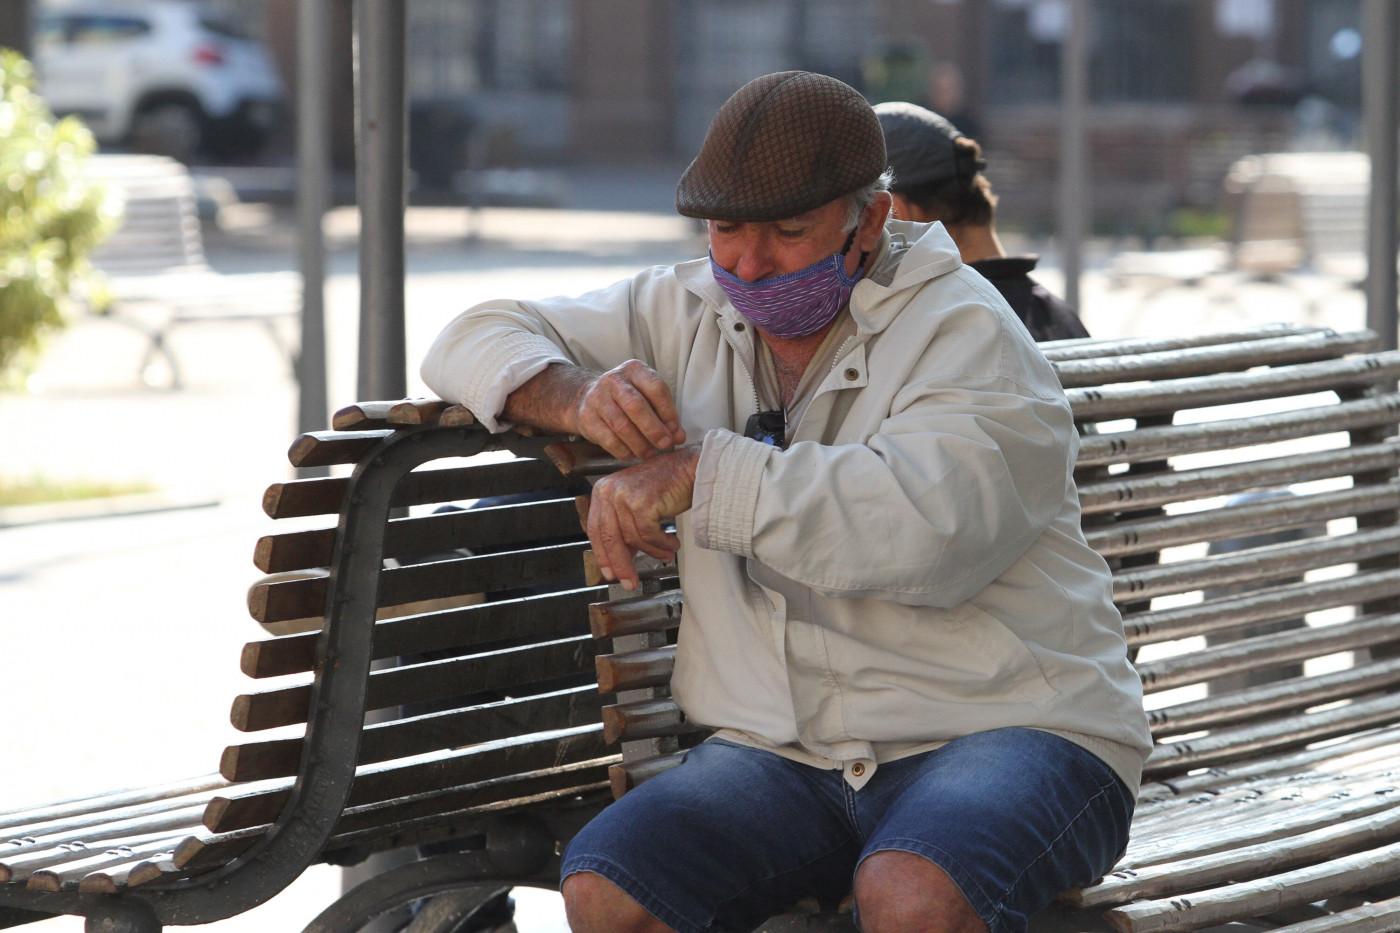 Idoso sentado em banco de uma praça usando máscara de proteção